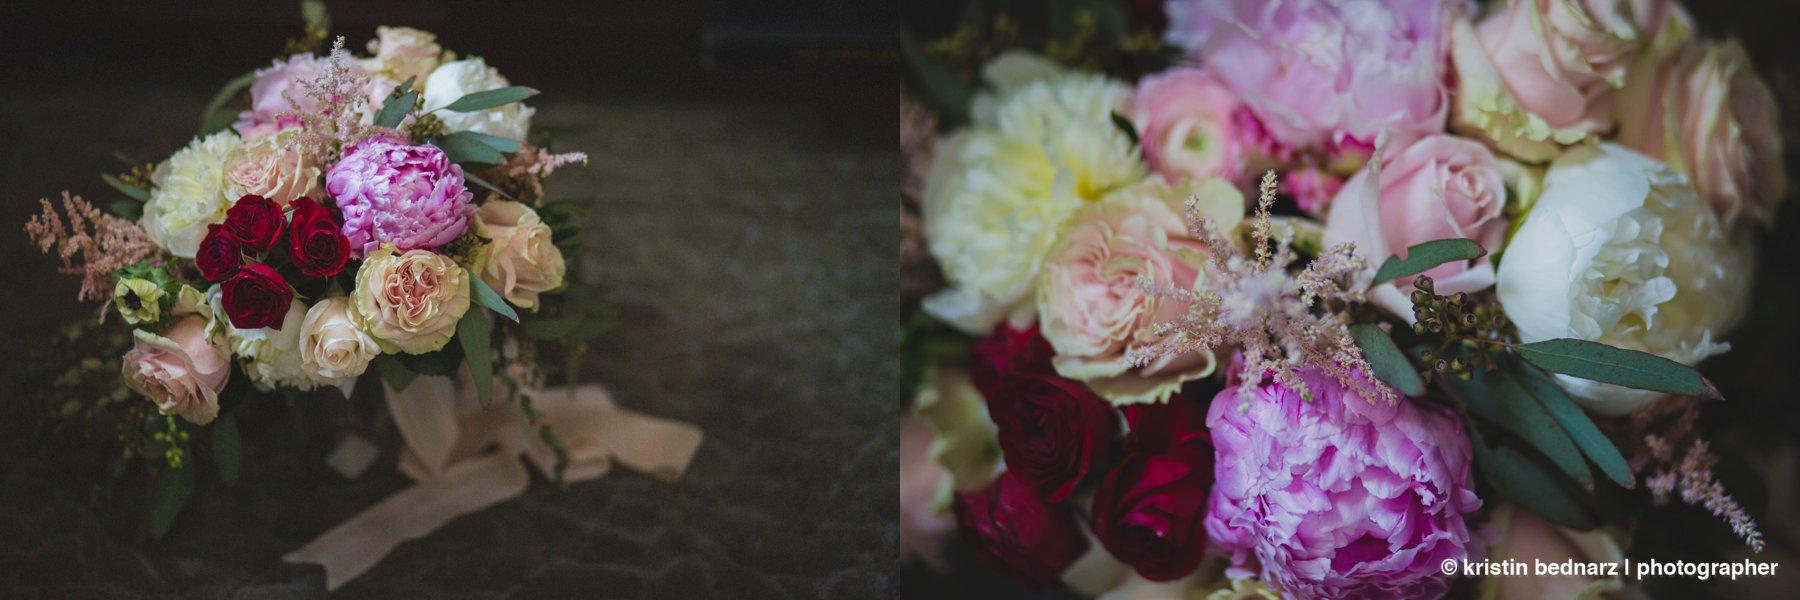 Krisitin_Bednarz_Lubbock_Wedding_Photographer_20180602_0026.JPG